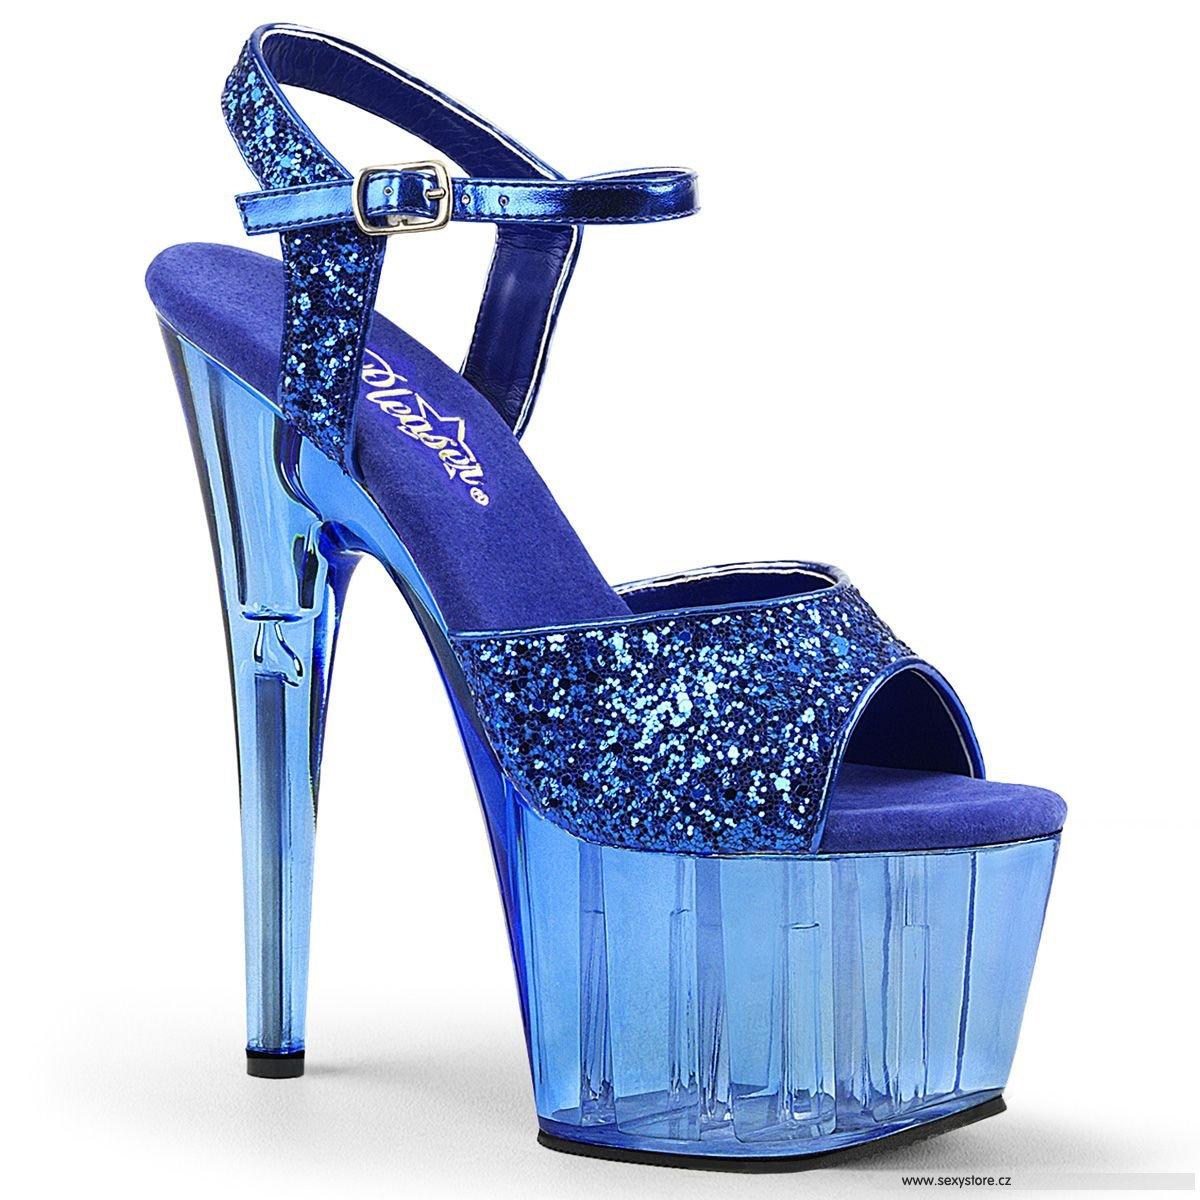 d8f19101ae2 Modré sandály na vysokém podpatku ADO710GT BLG M